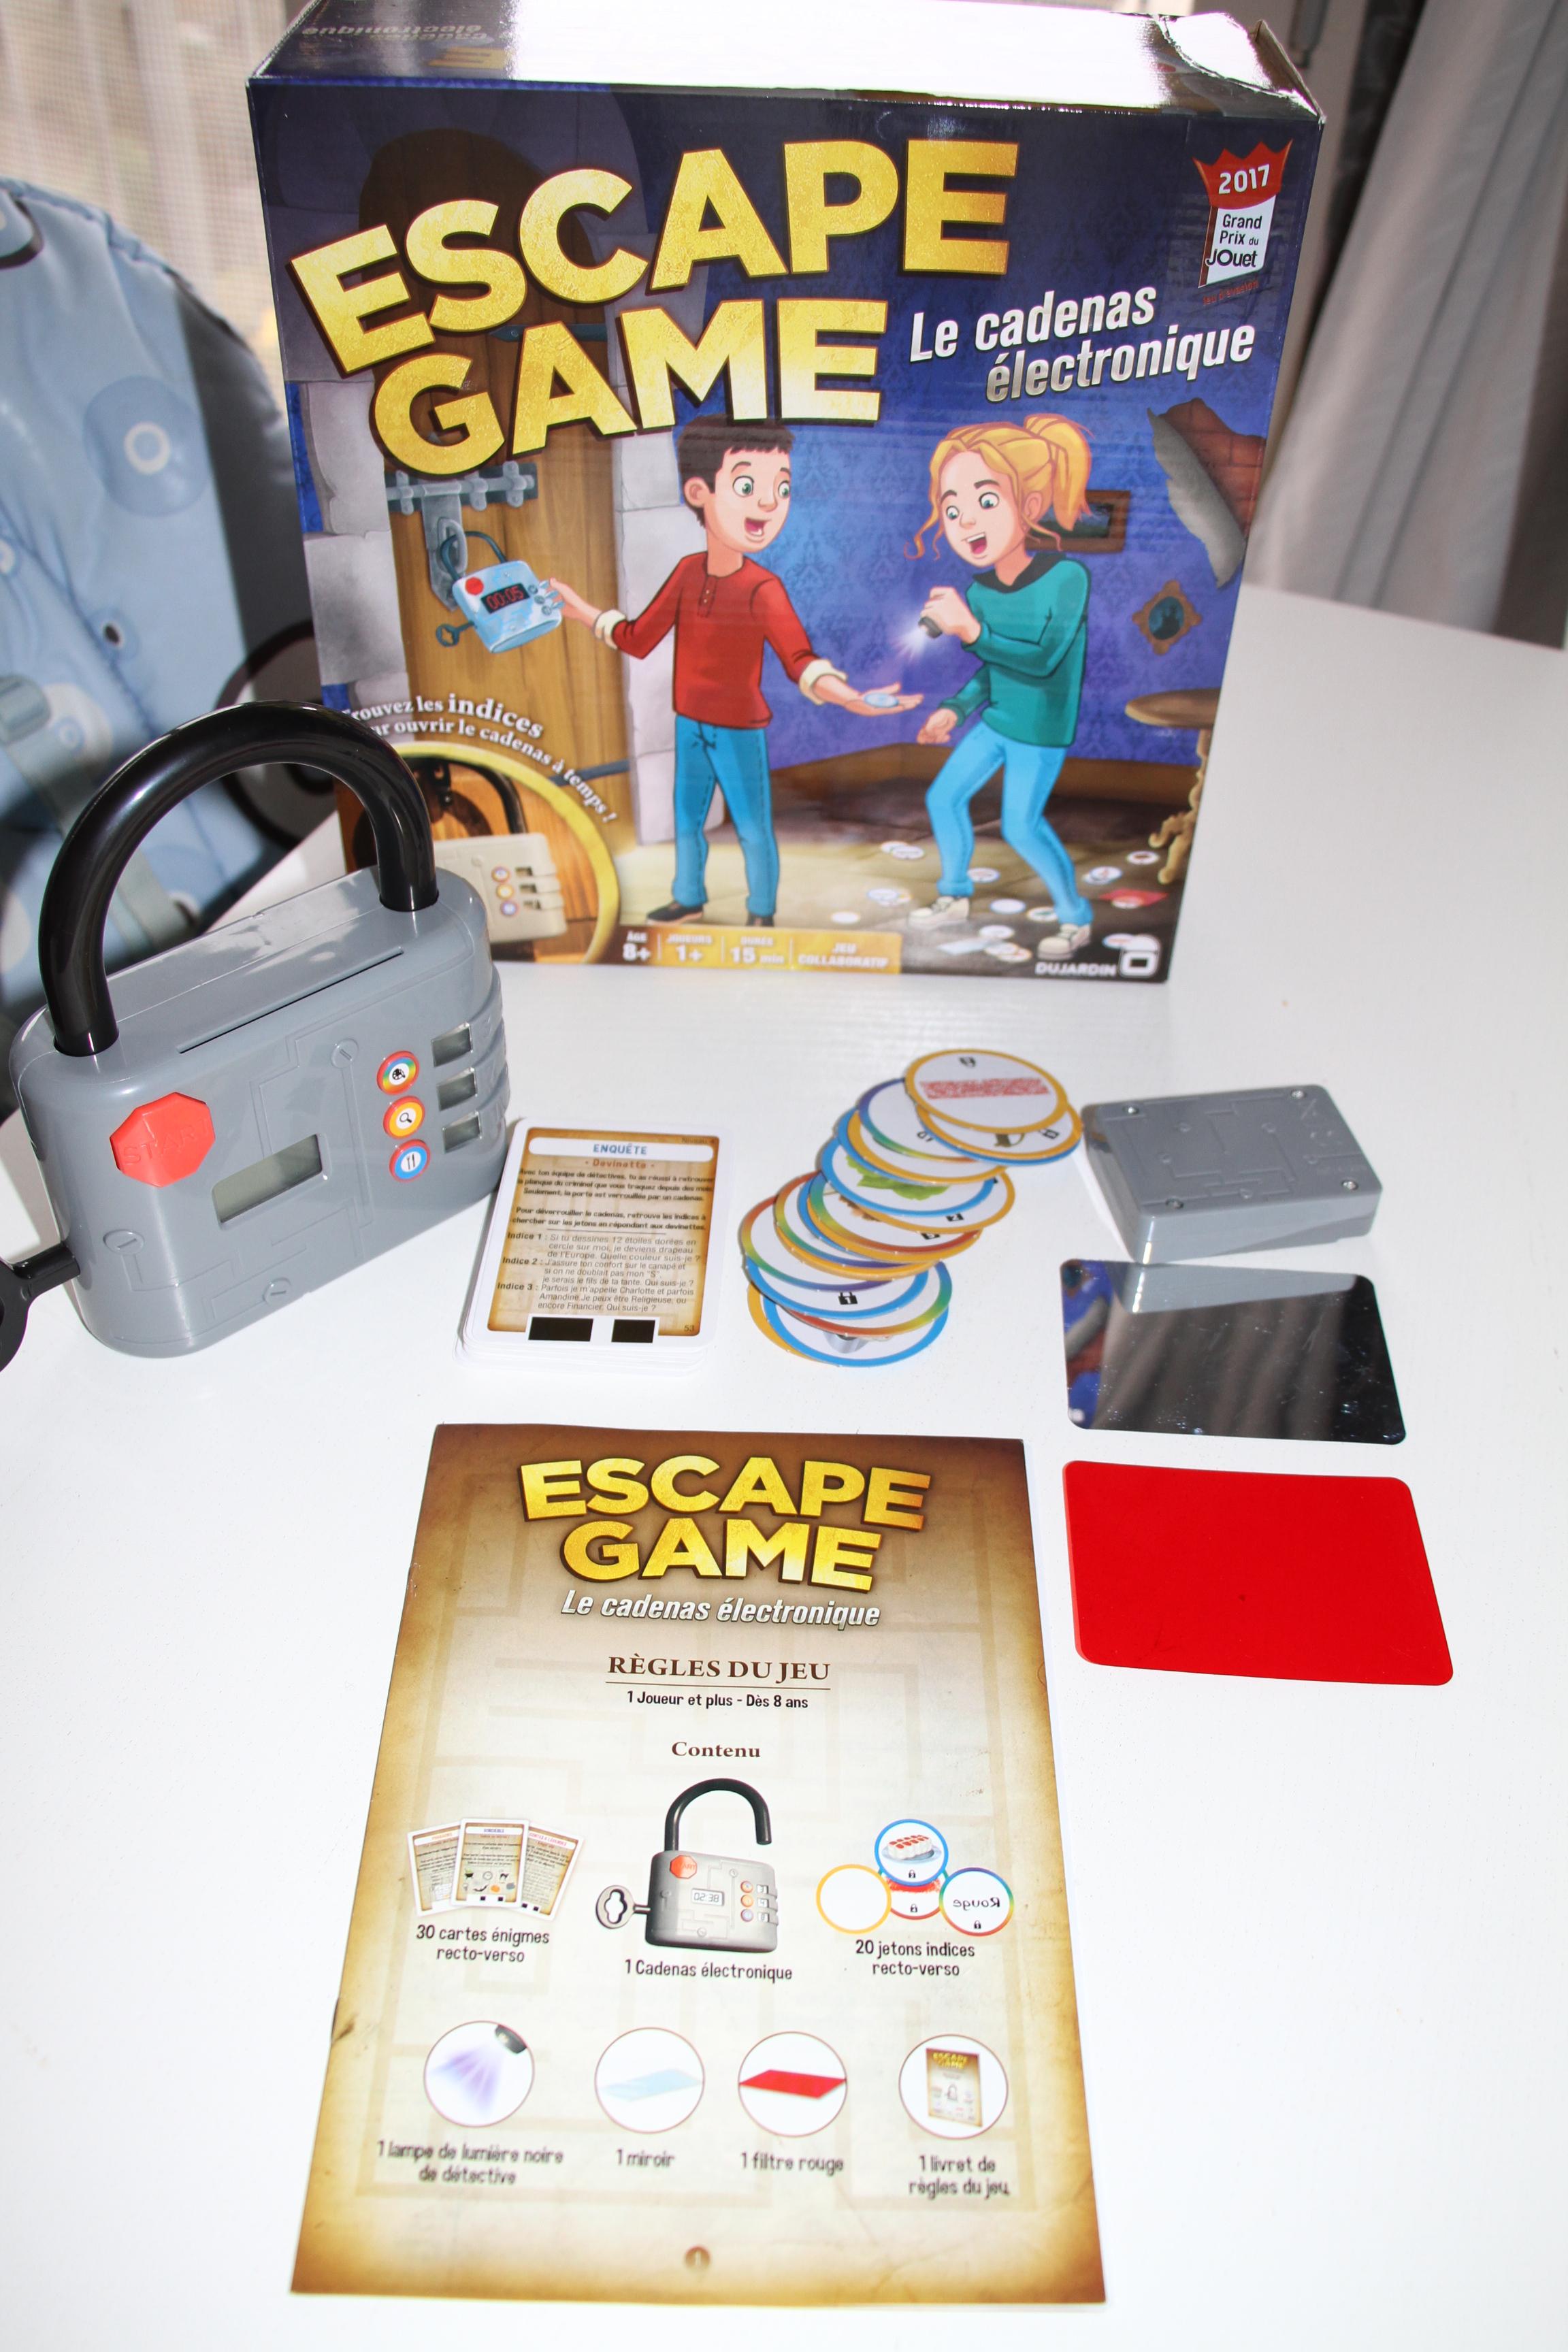 un escape game chez soi c 39 est possible avec dujardin maman jusqu 39 au bout des ongles. Black Bedroom Furniture Sets. Home Design Ideas